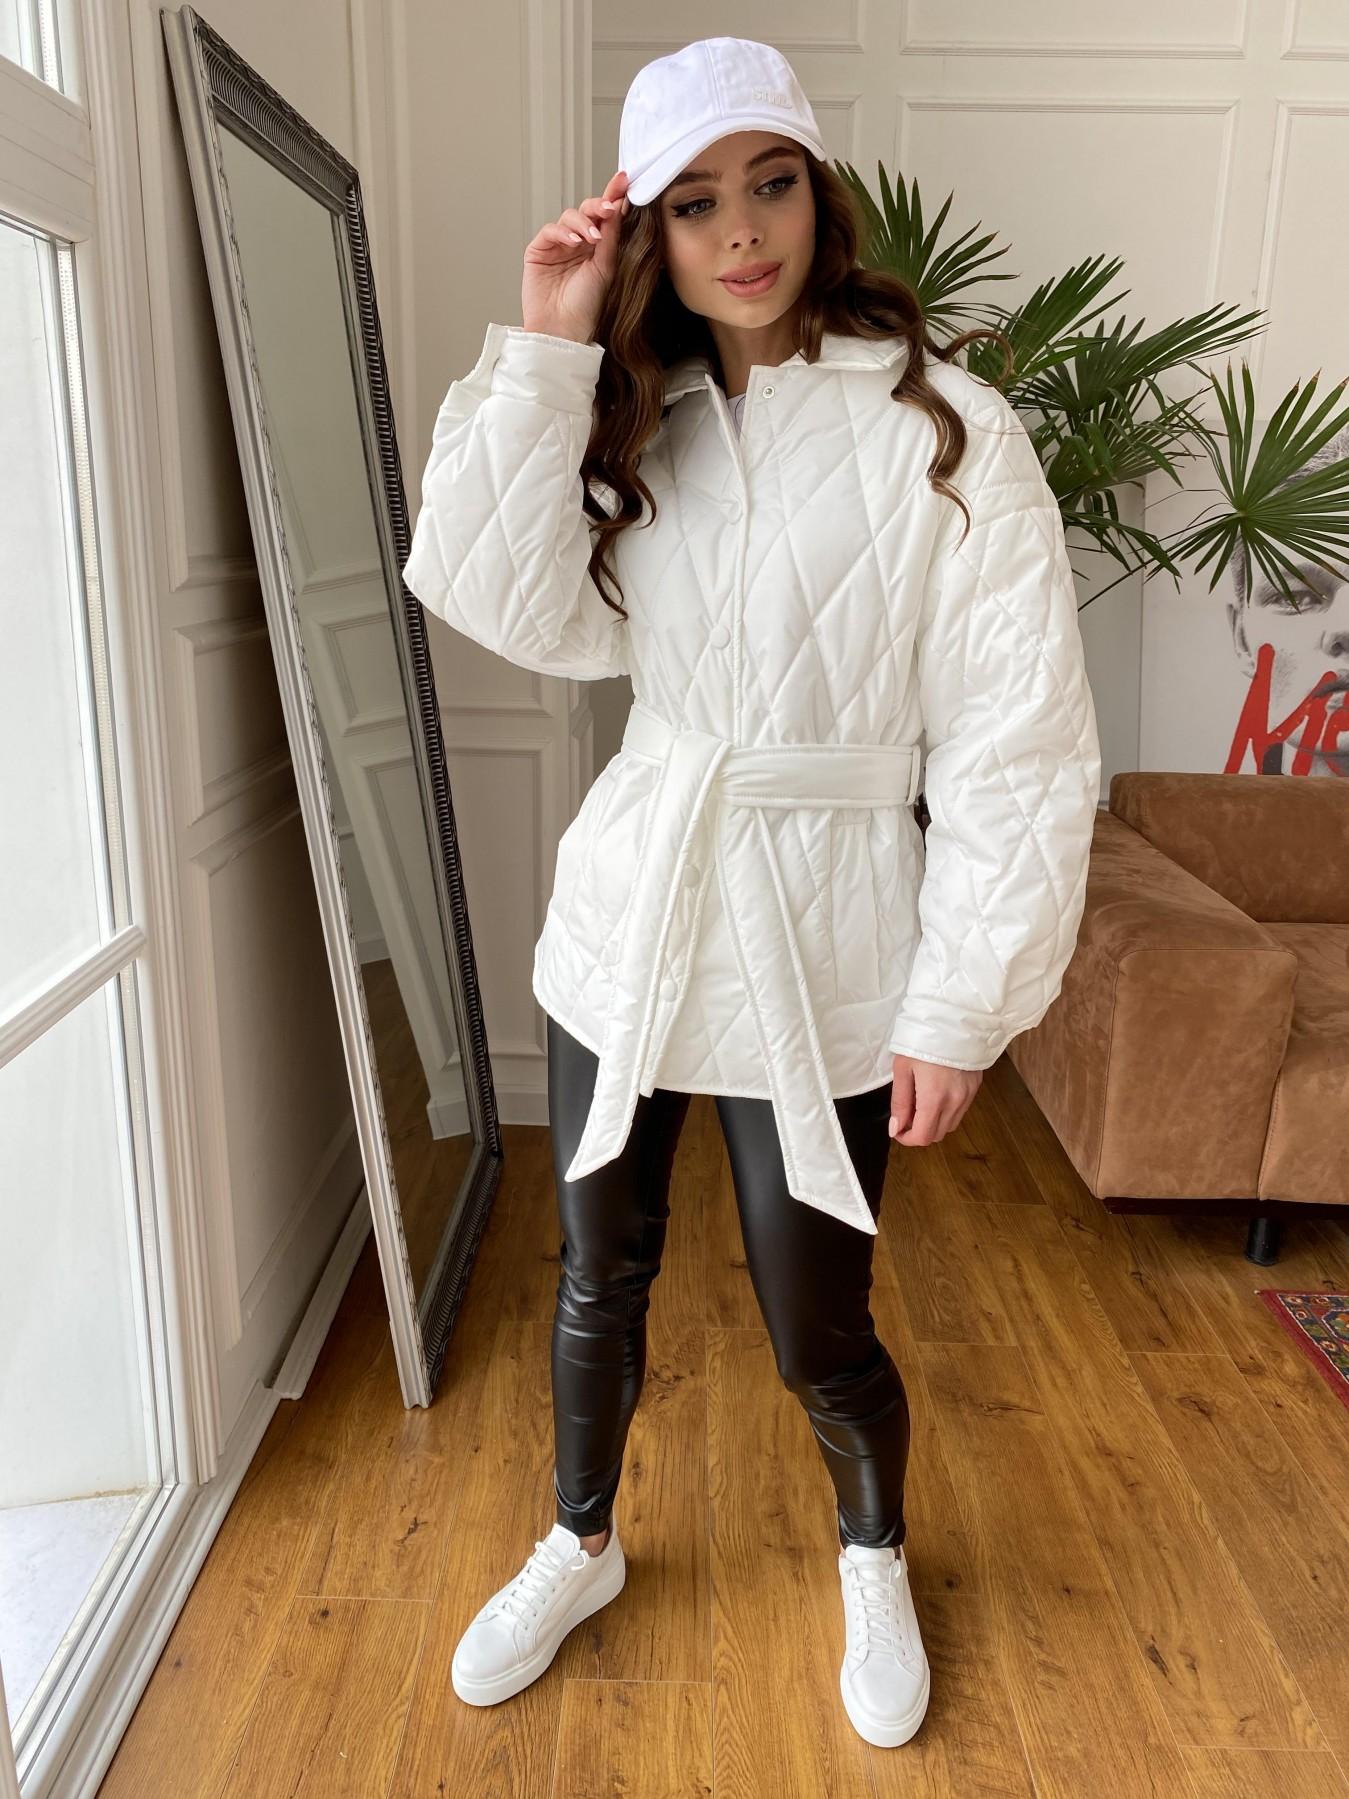 Моно куртка из плащевой ткани Ammy 10972 АРТ. 47667 Цвет: Молоко 12 - фото 3, интернет магазин tm-modus.ru